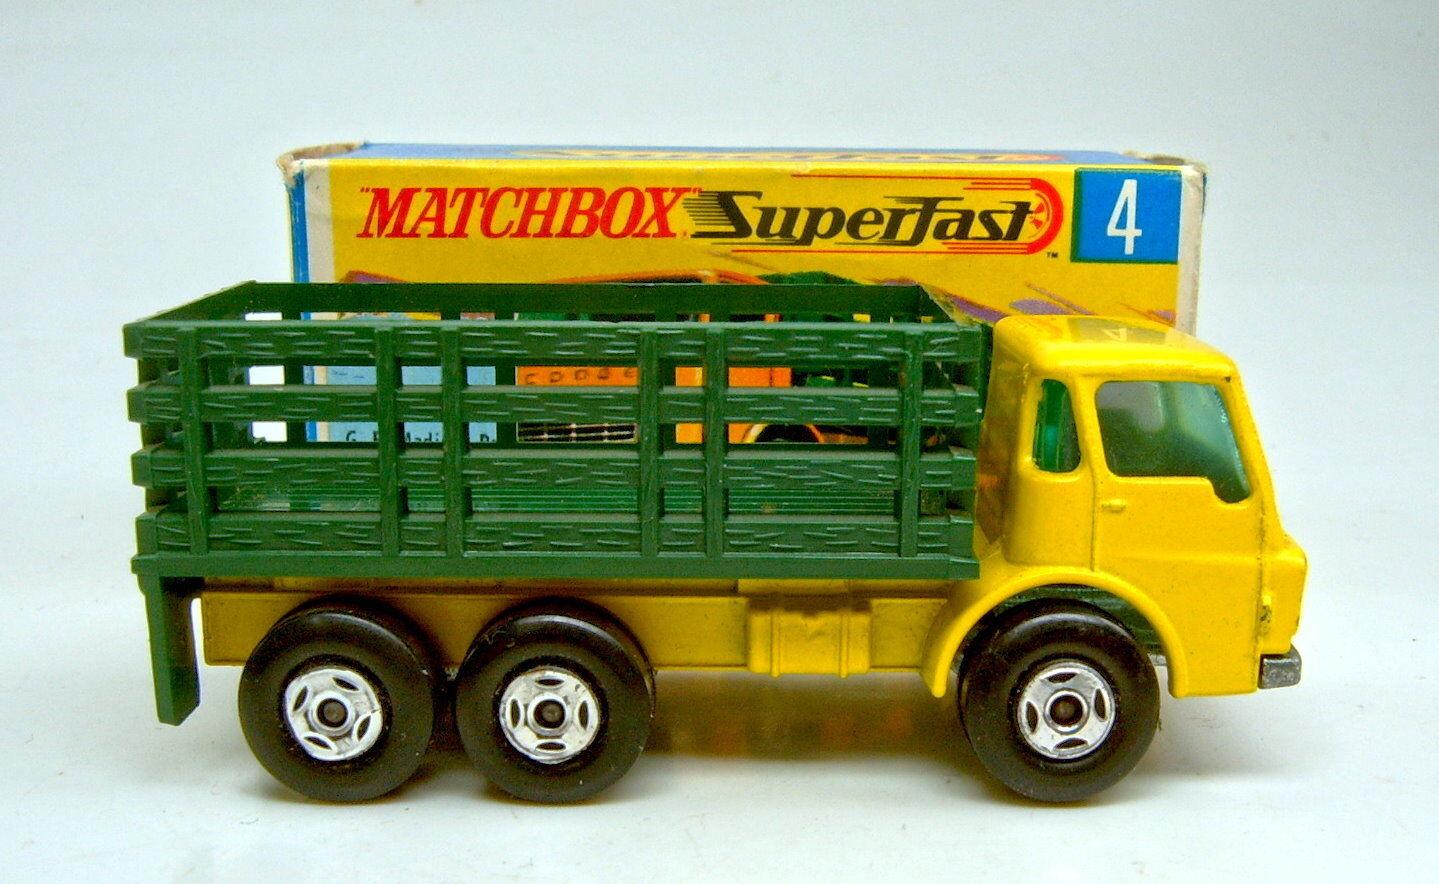 MATCHBOX superfast Nº 4a 4a 4a stake camion lumineuse jaune & vert spiro roues top dans Box   Matériaux De Haute Qualité    Matériaux De Qualité  6bb7b0